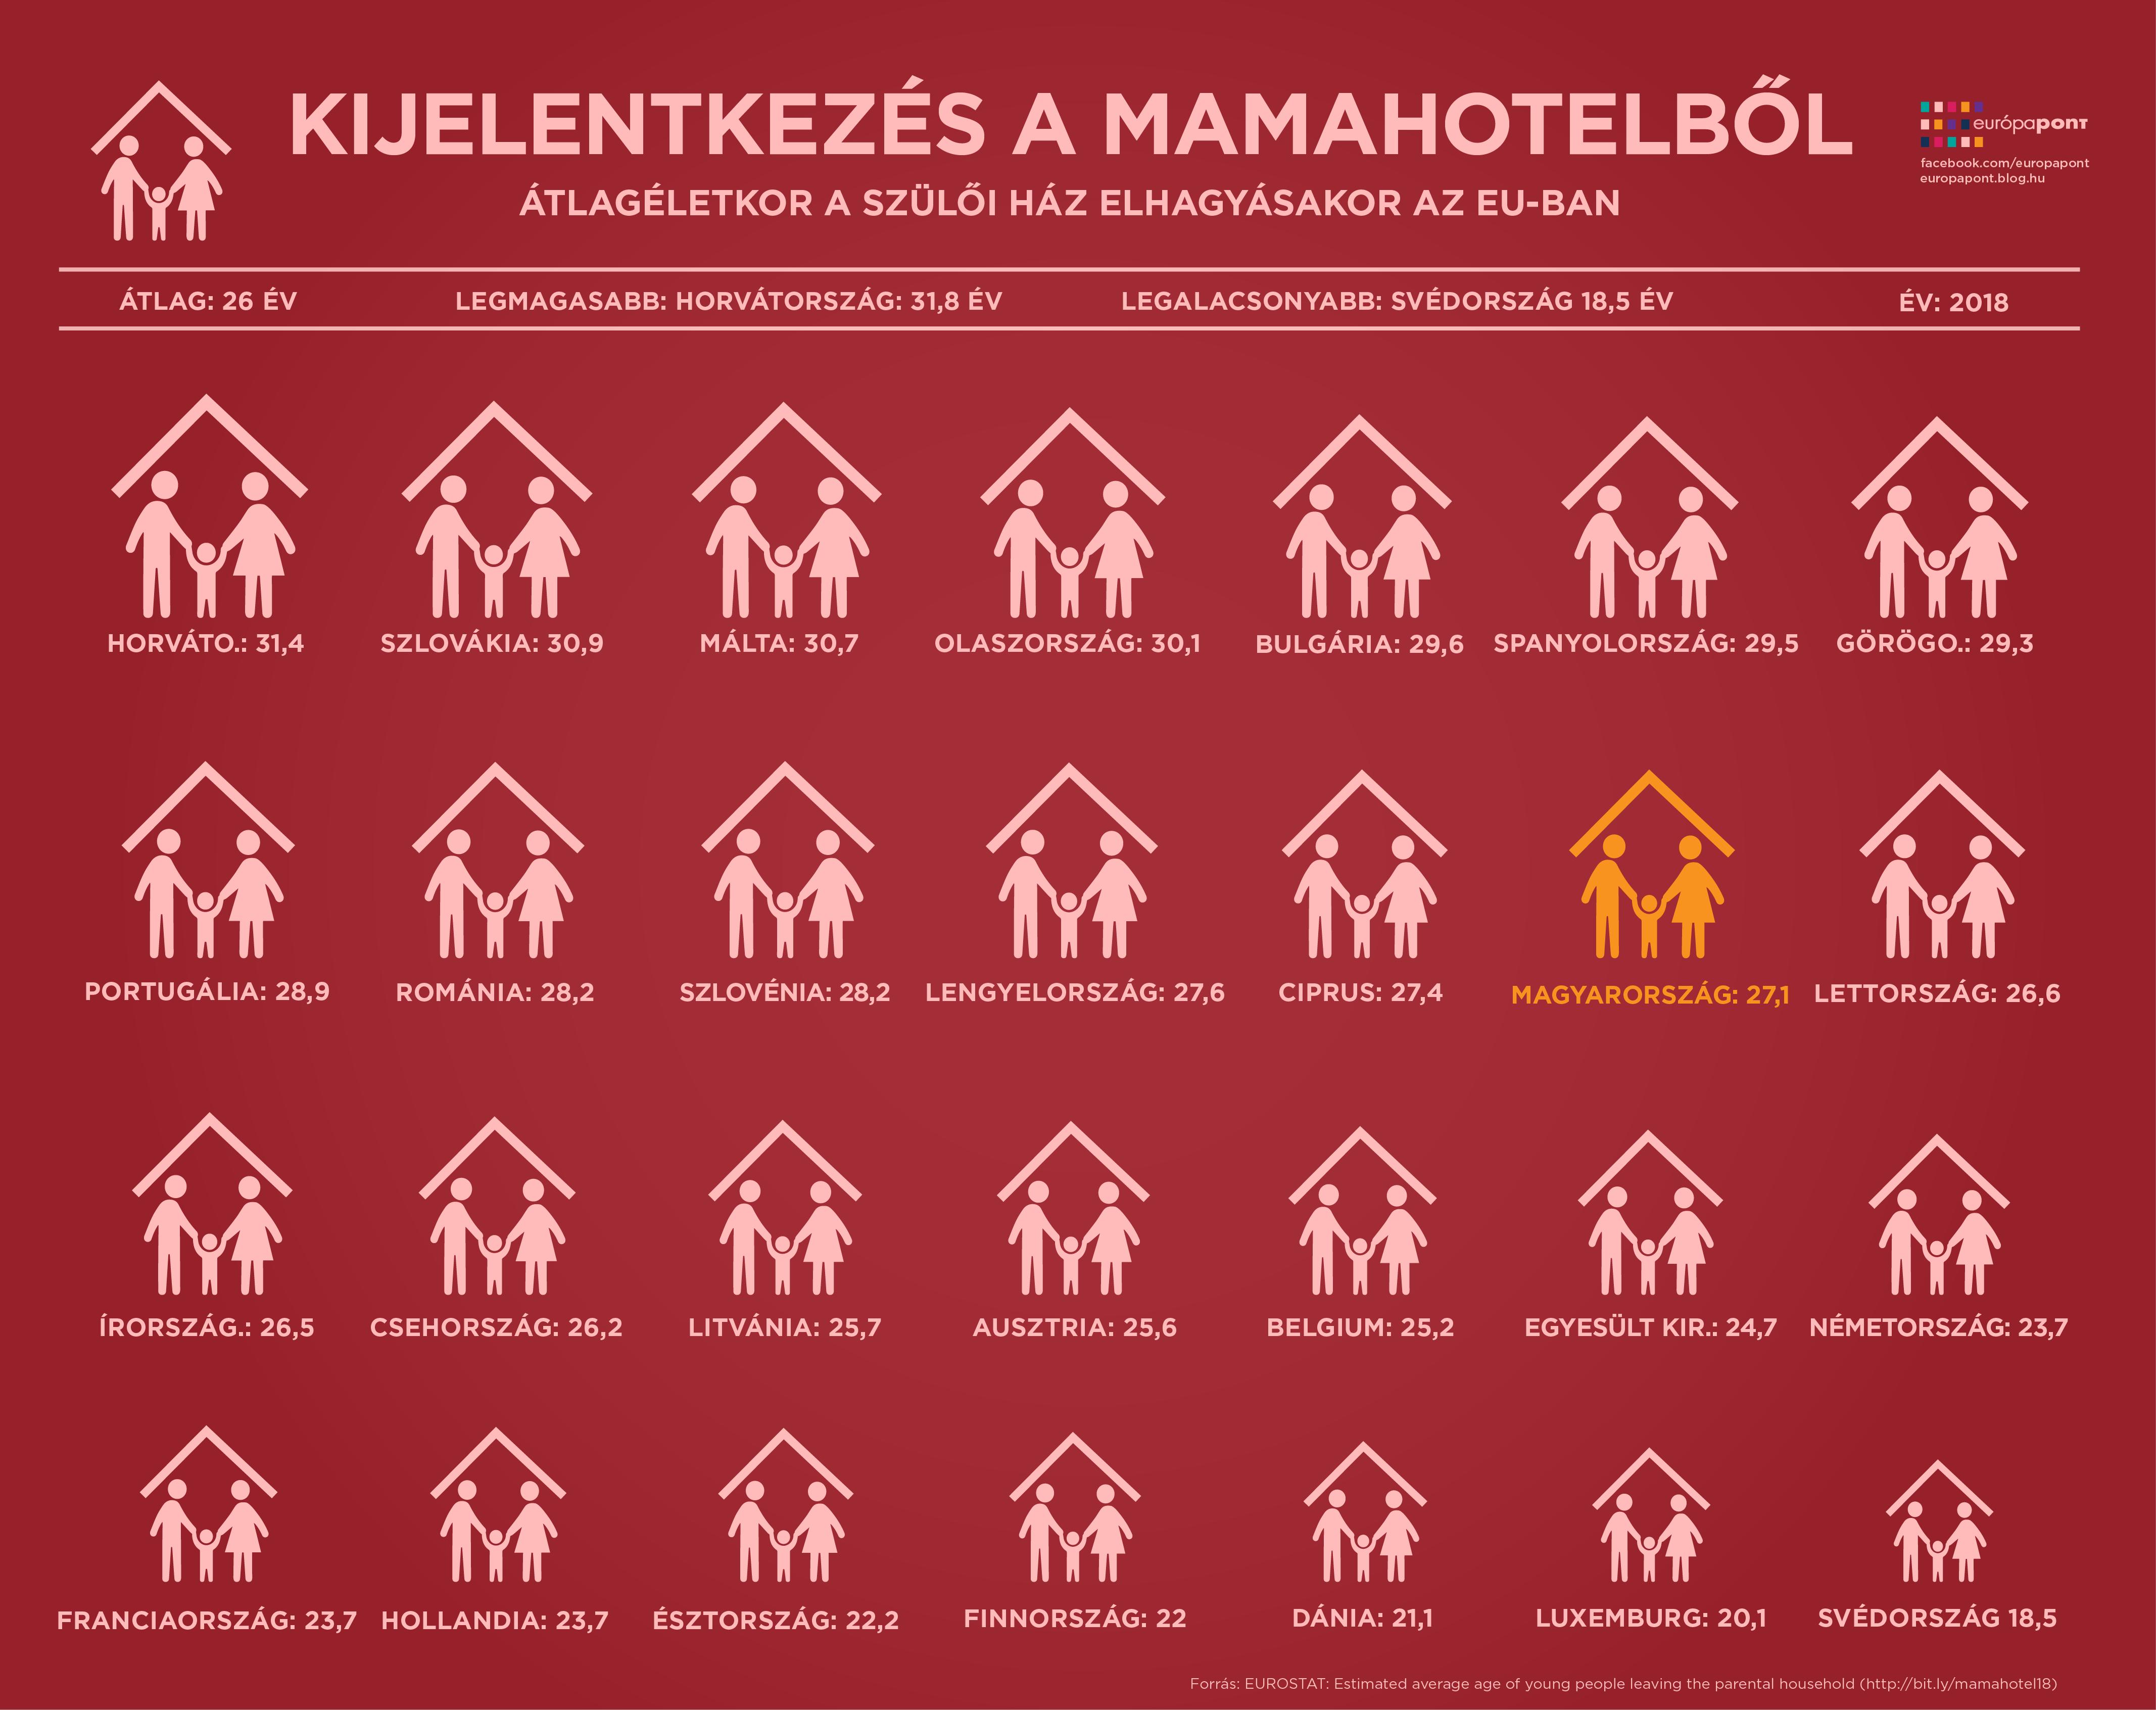 europa_szamokban_mamahotel_2018_update-01.png